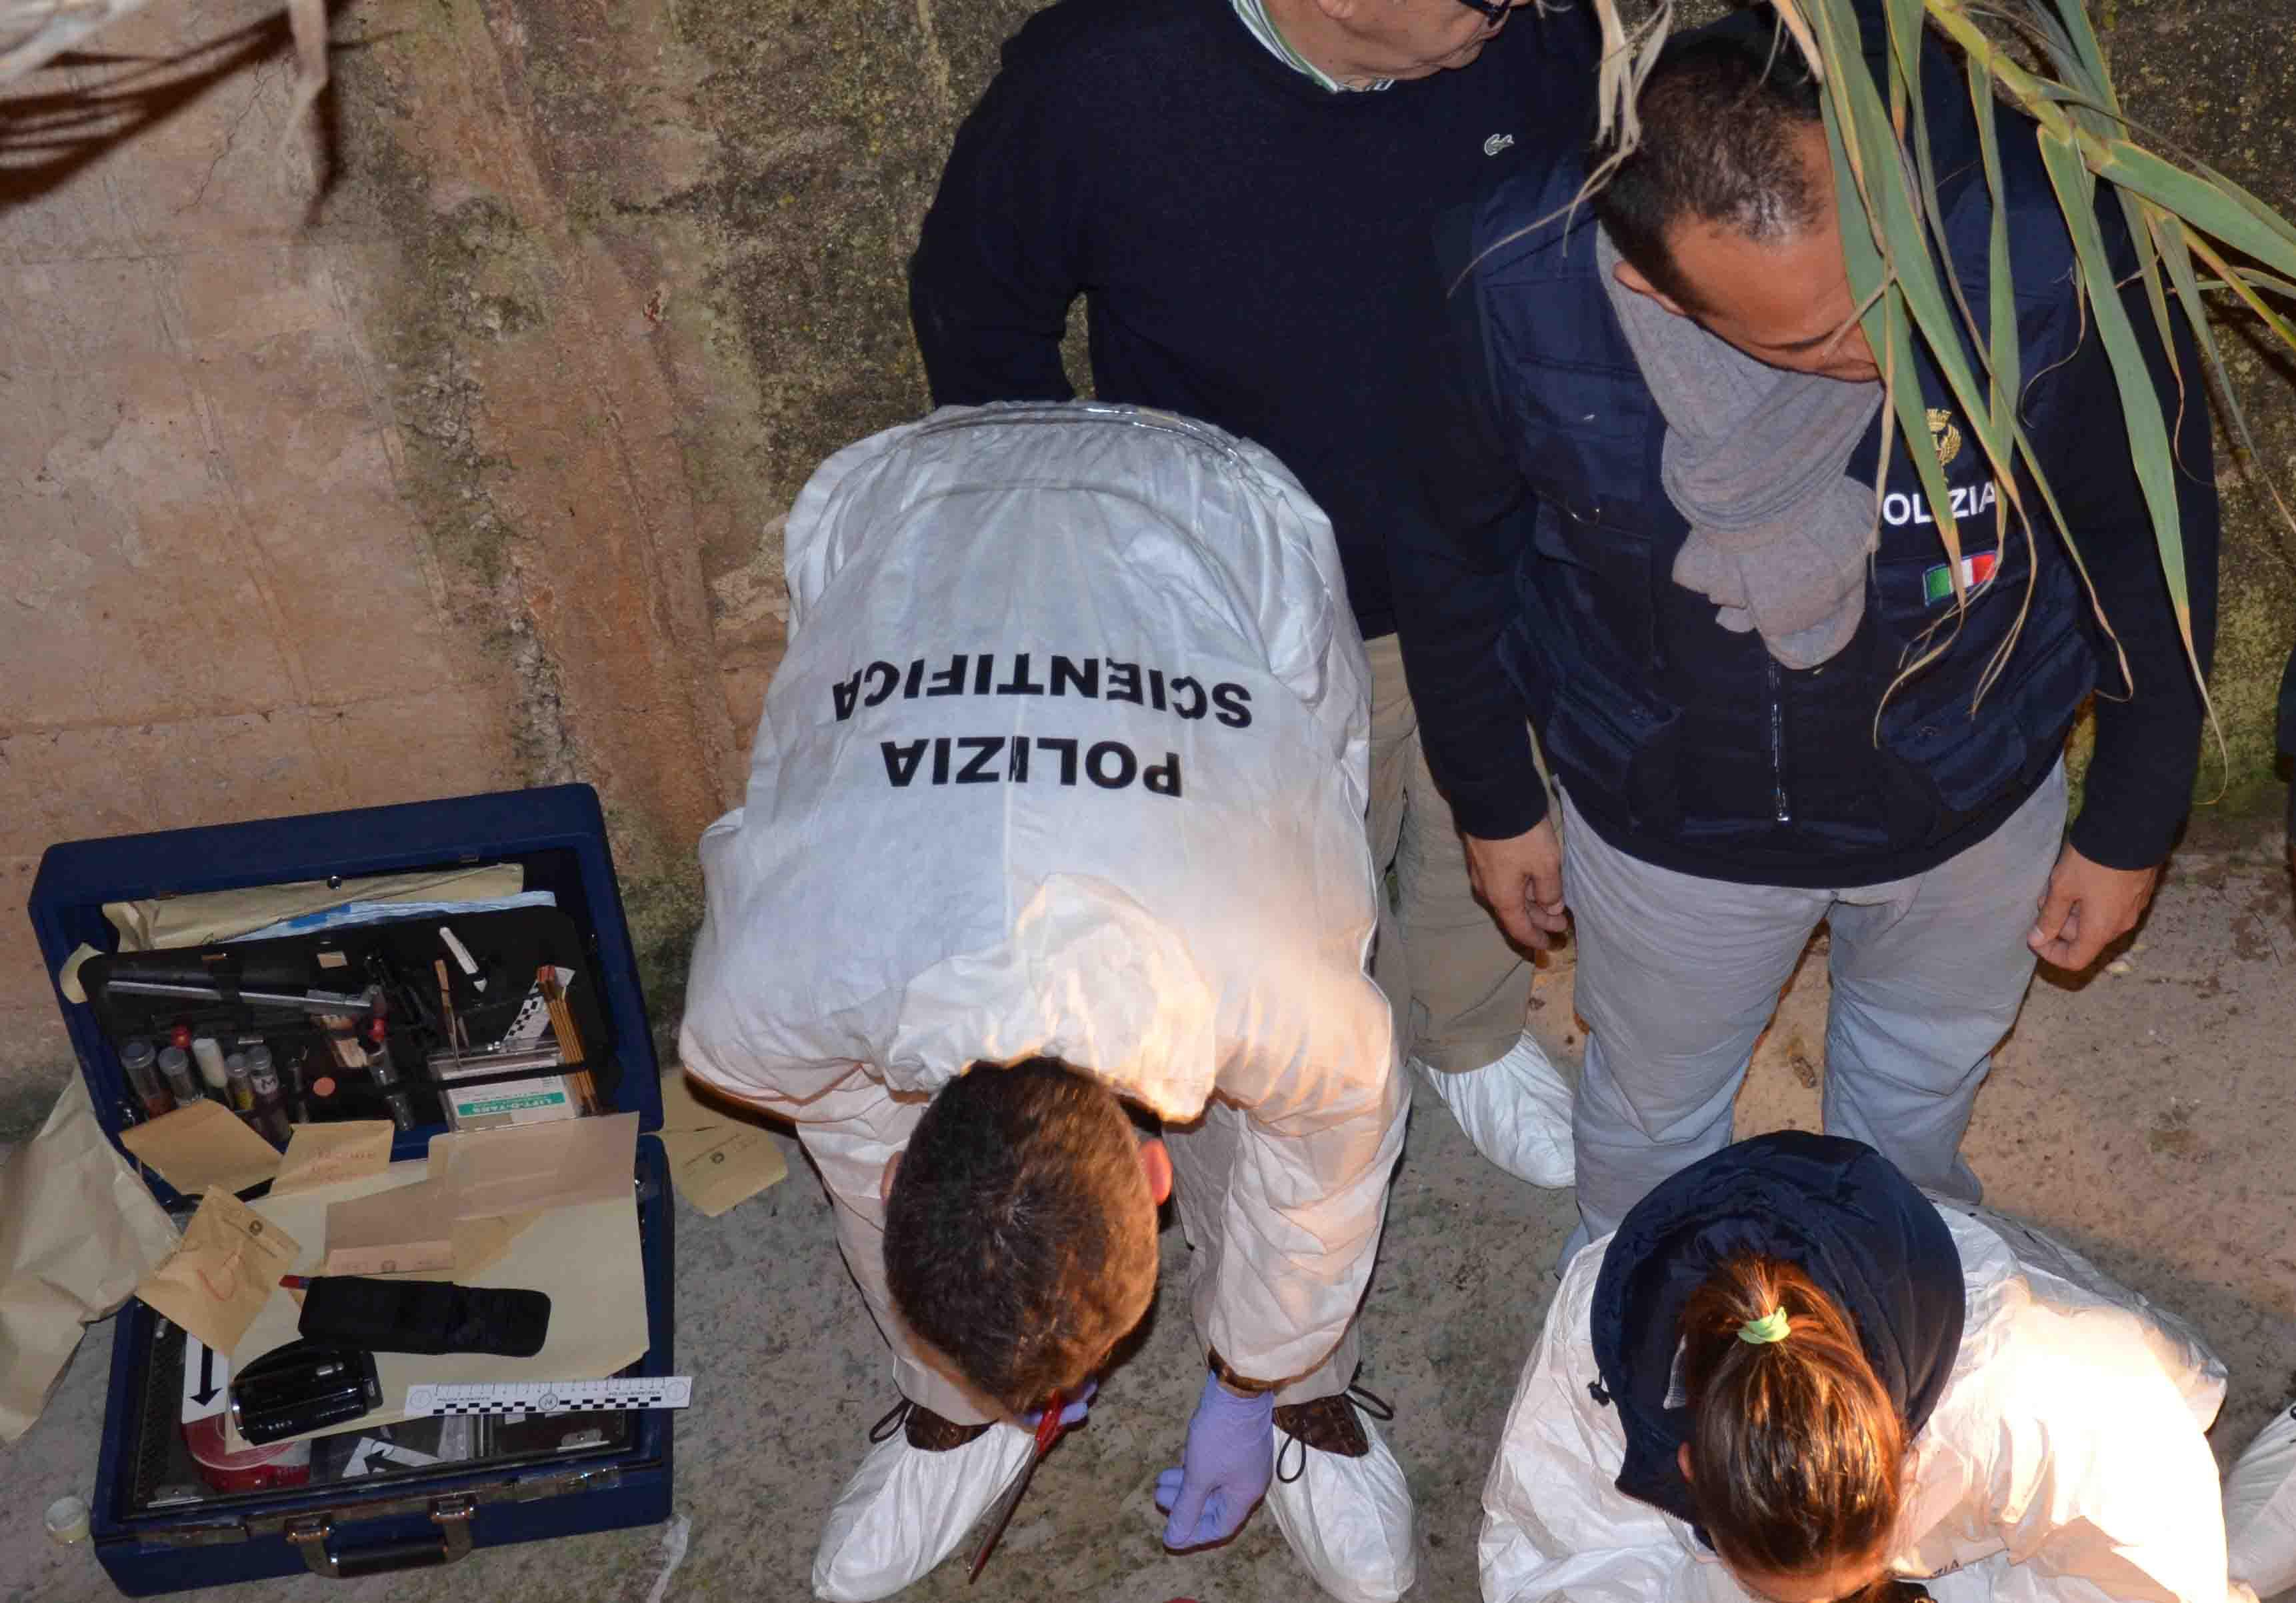 Trovato morto in un canale, il bambino scomparso oggi da Santa Croce Camerina.